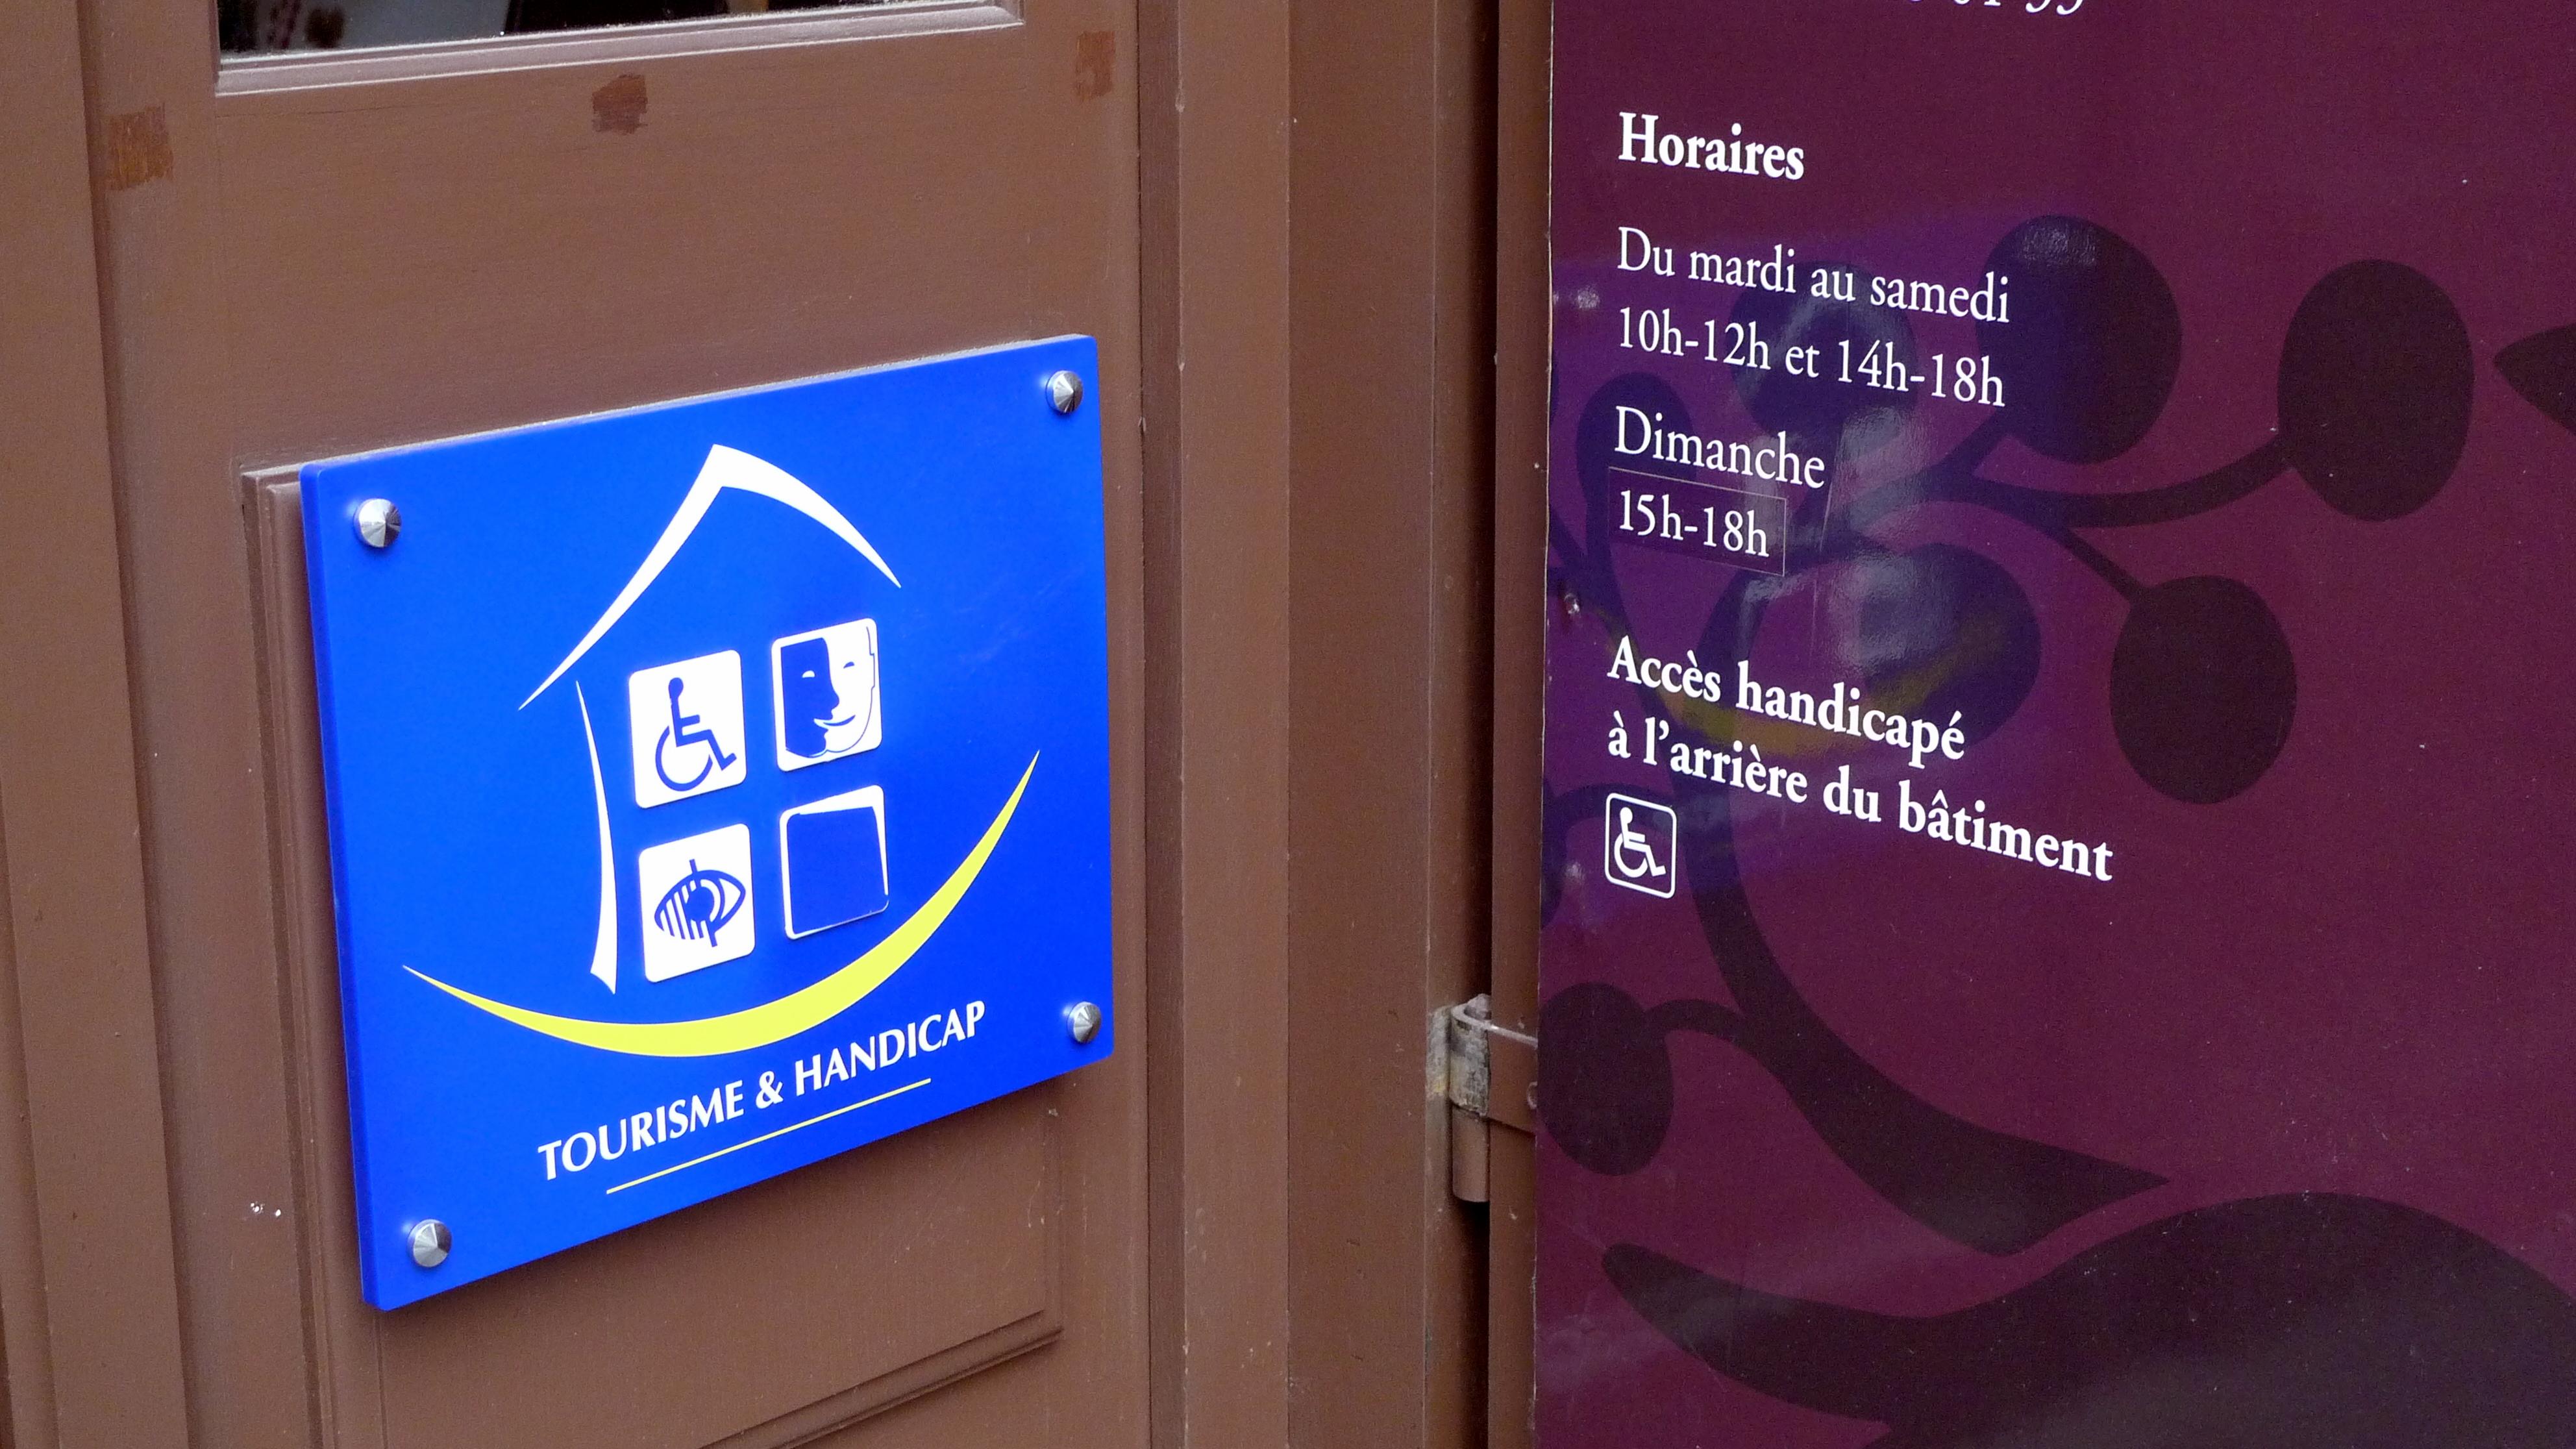 Etablissement accessible aux personnes handicapées